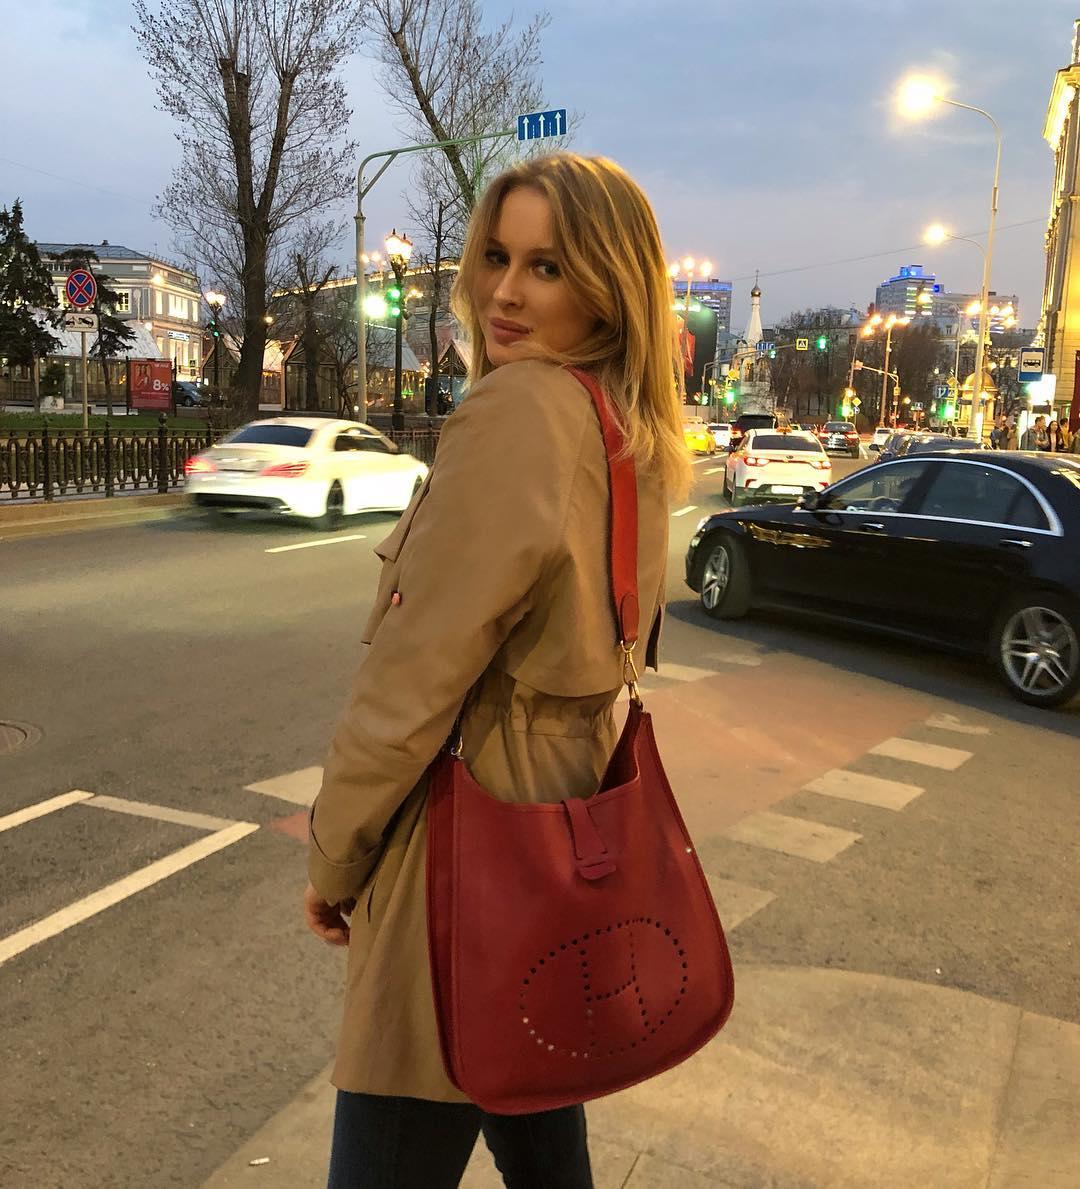 Дочь президента федерации спортивной борьбы России Михаила Мамиашвили Лиза: сумка Hermès Evelyne, от 216 000 руб.